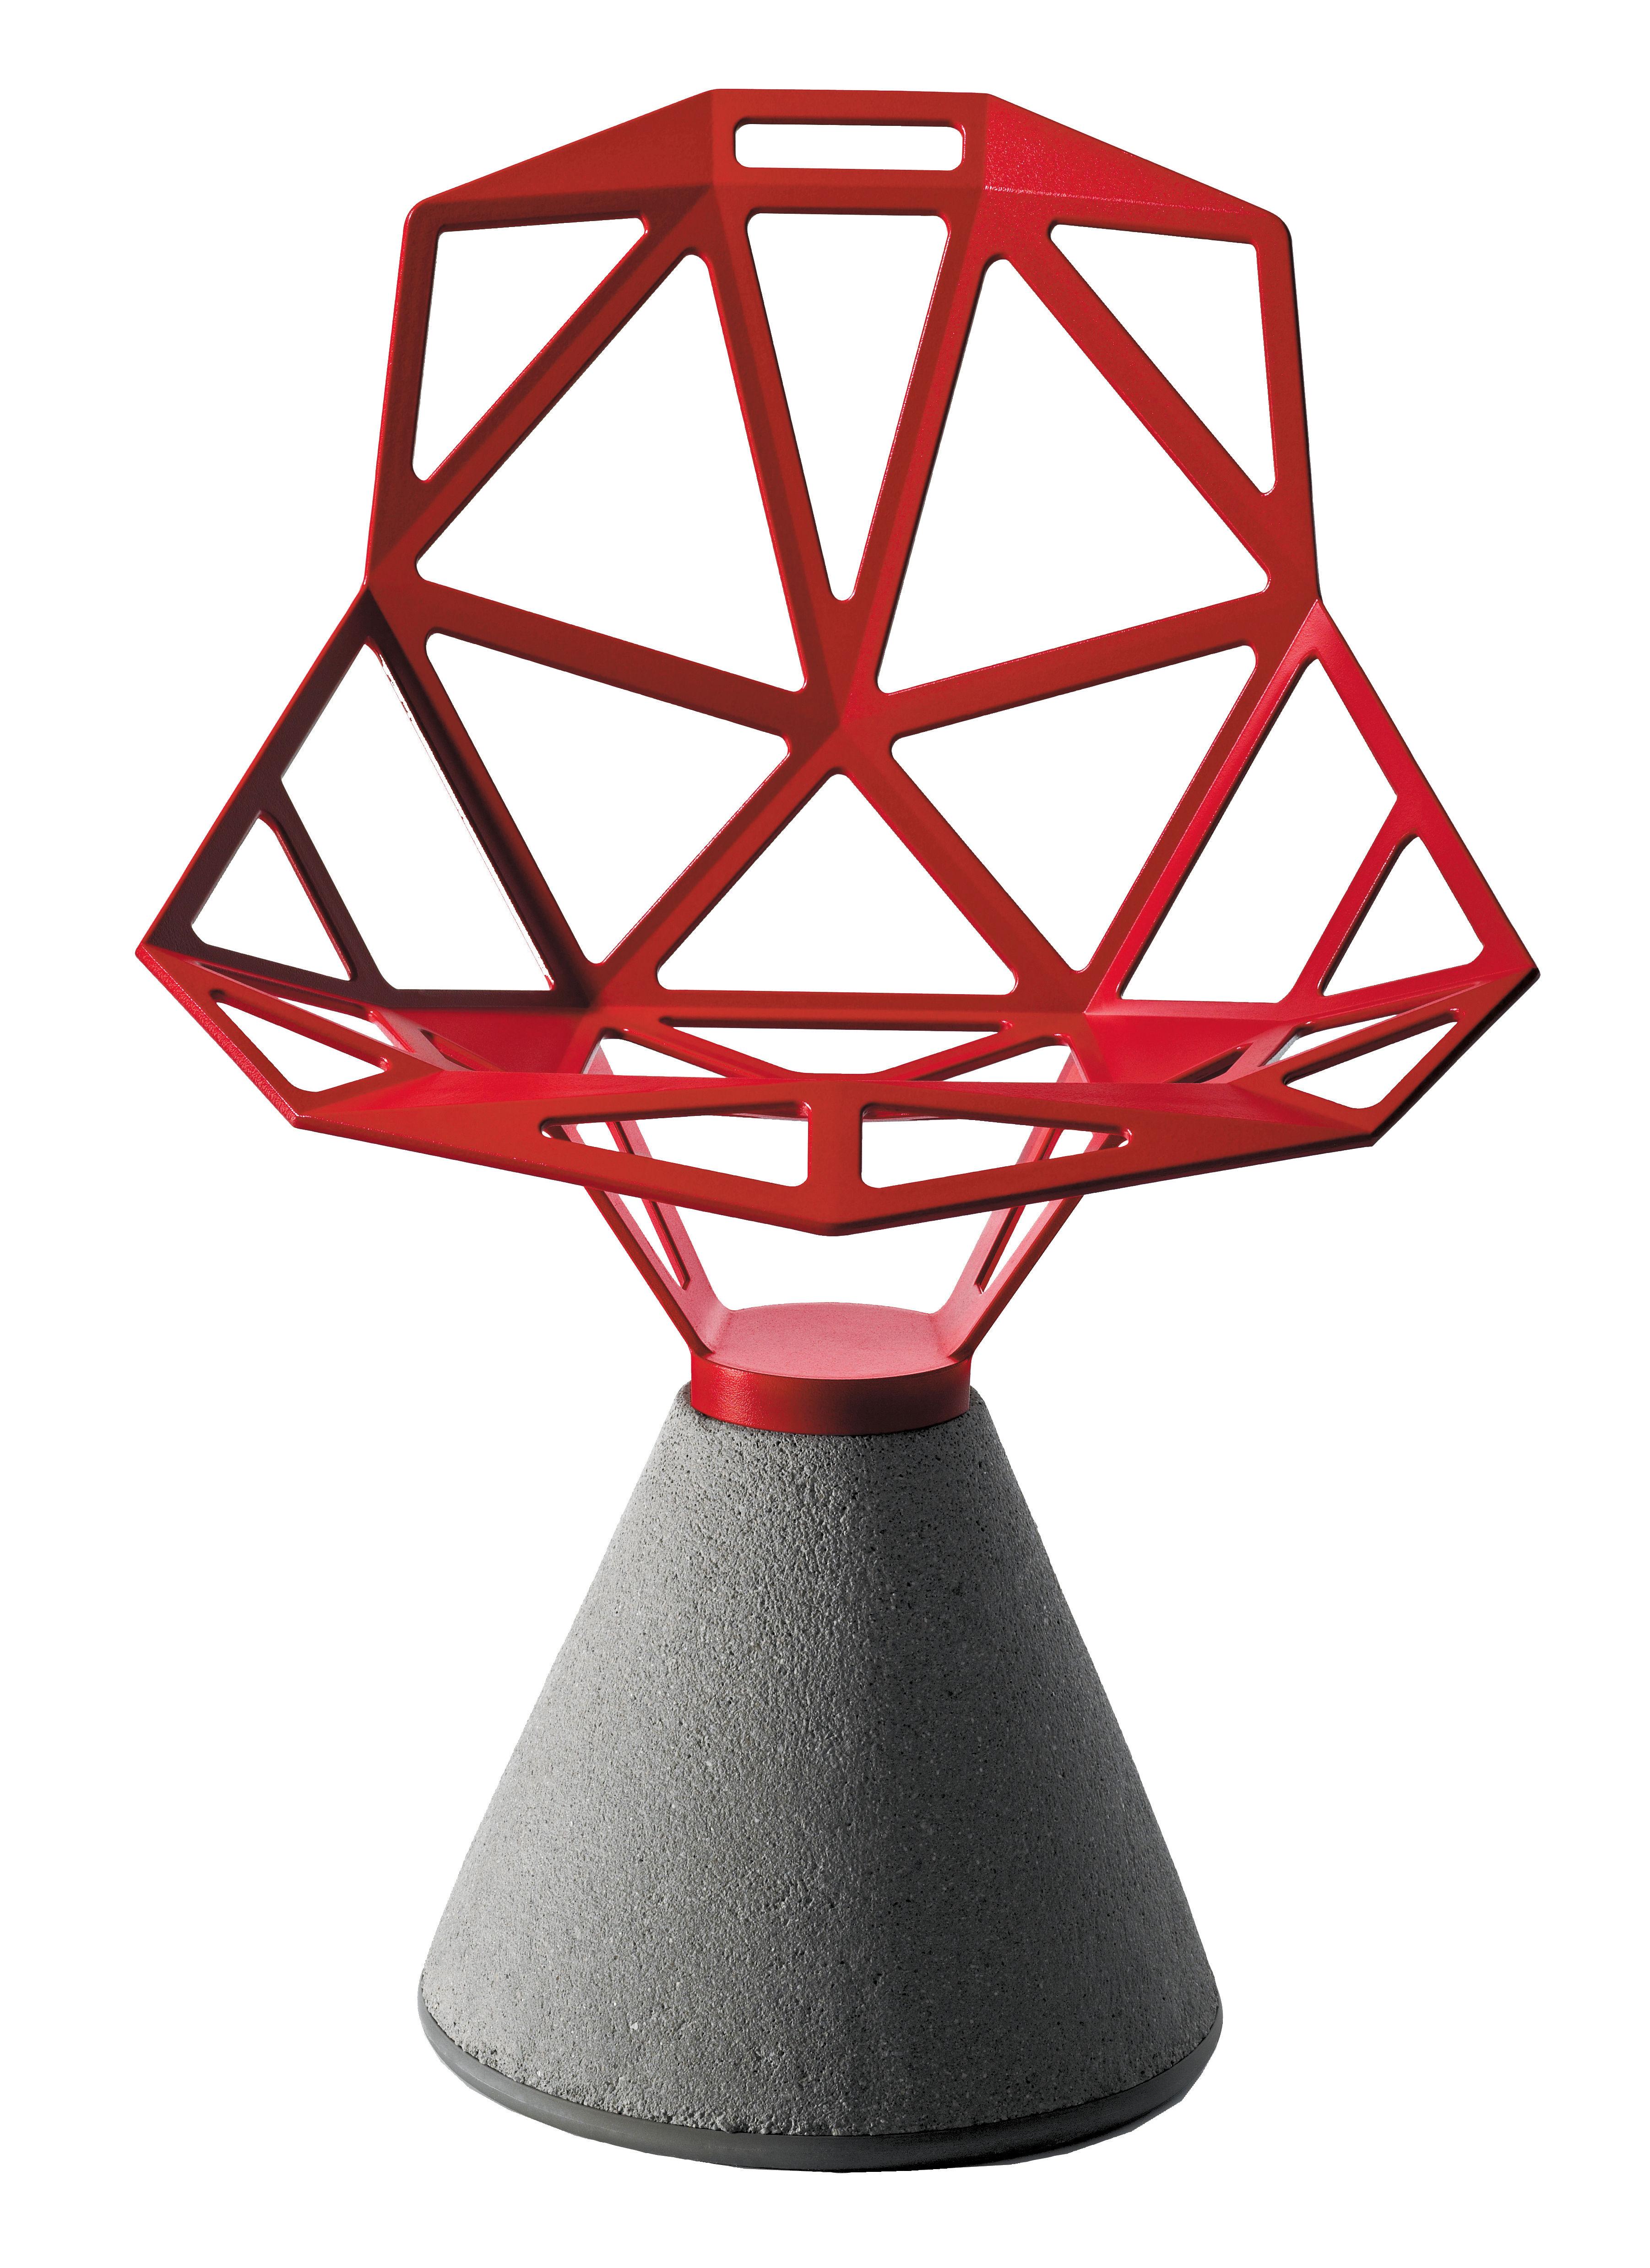 Arredamento - Sedie  - Poltrona Chair one B di Magis - Rosso - Calcestruzzo, Ghisa di alluminio